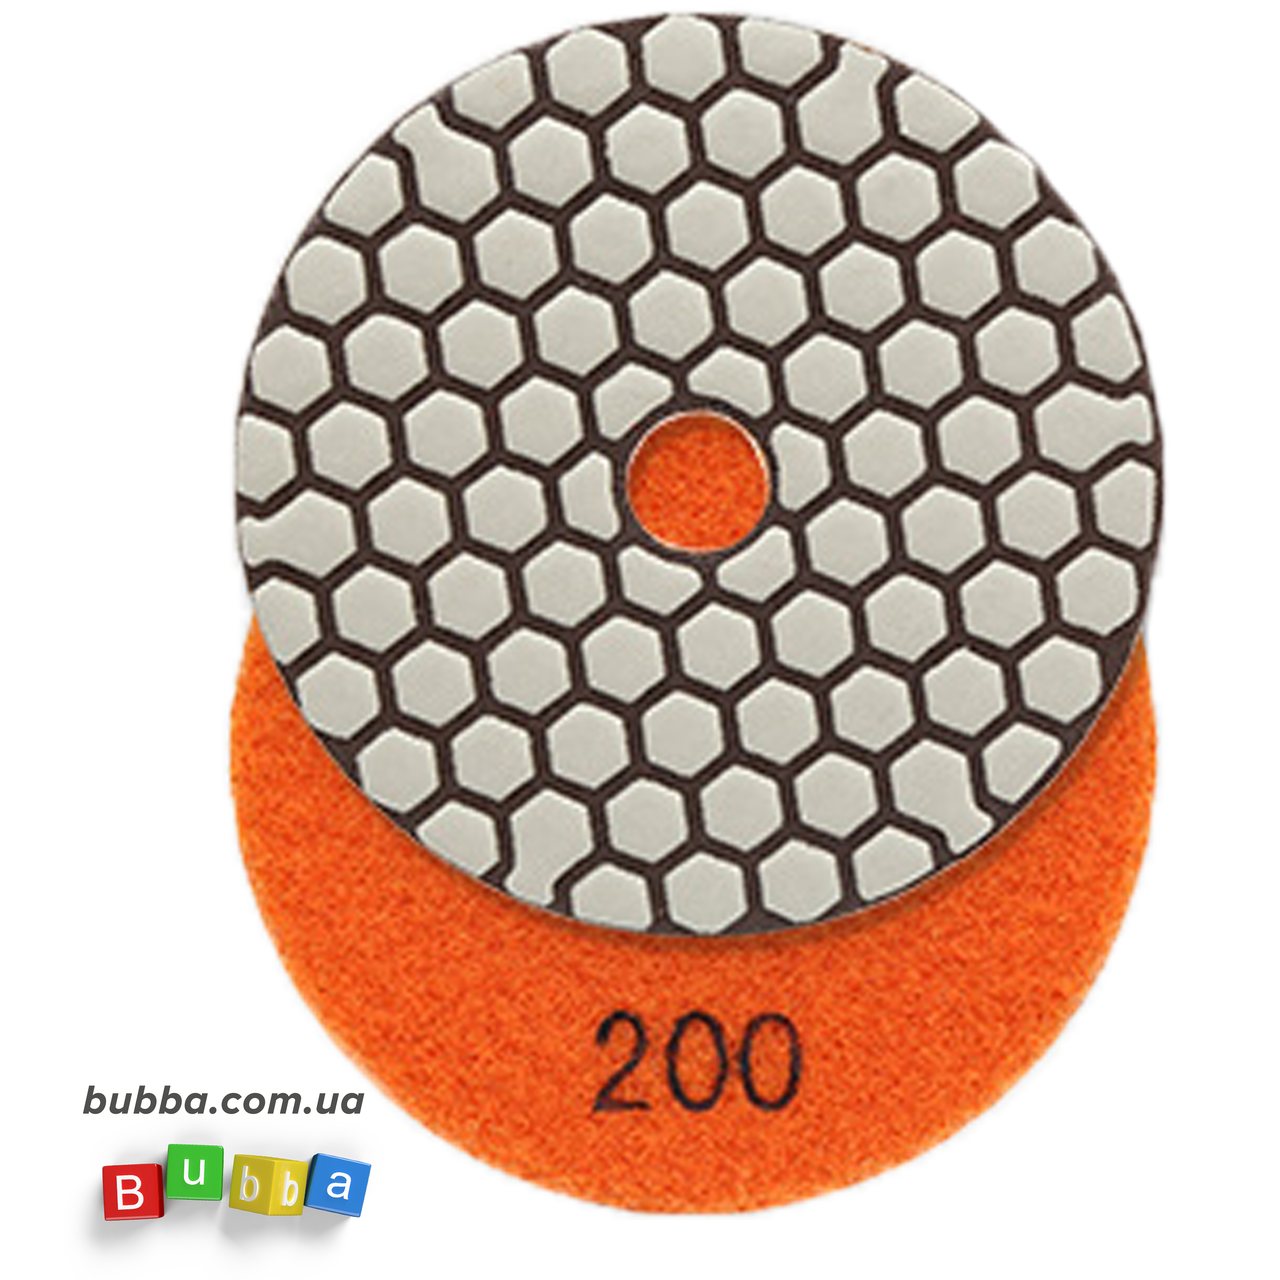 Алмазный гибкий шлифовальный круг ЧЕРЕПАШКА для сухой шлифовки, АГШК зернистость 200, d 100мм